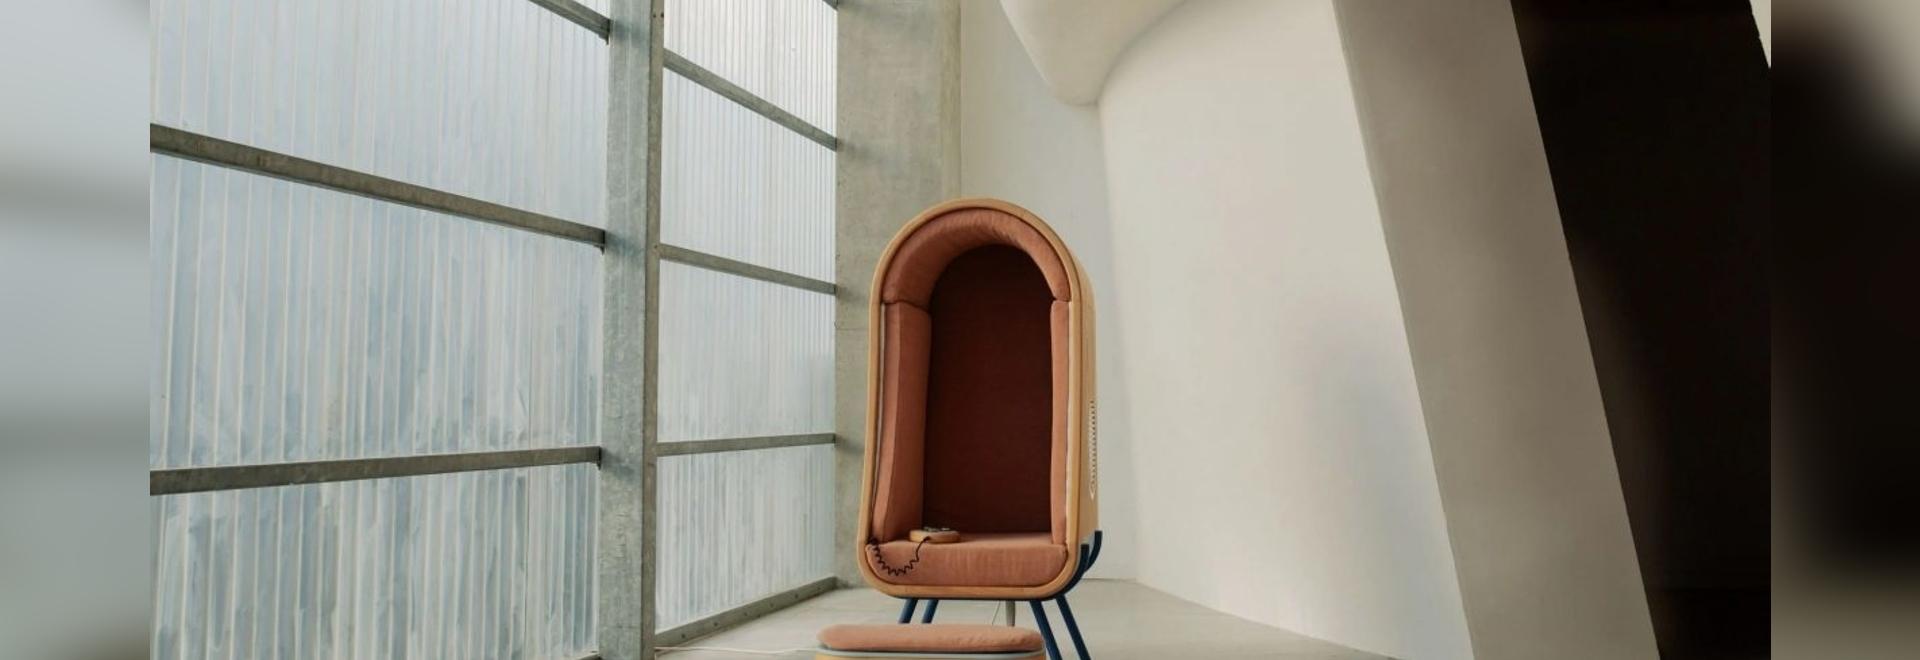 Alexia Audrain progetta una sedia che abbraccia per confortare le persone con autismo